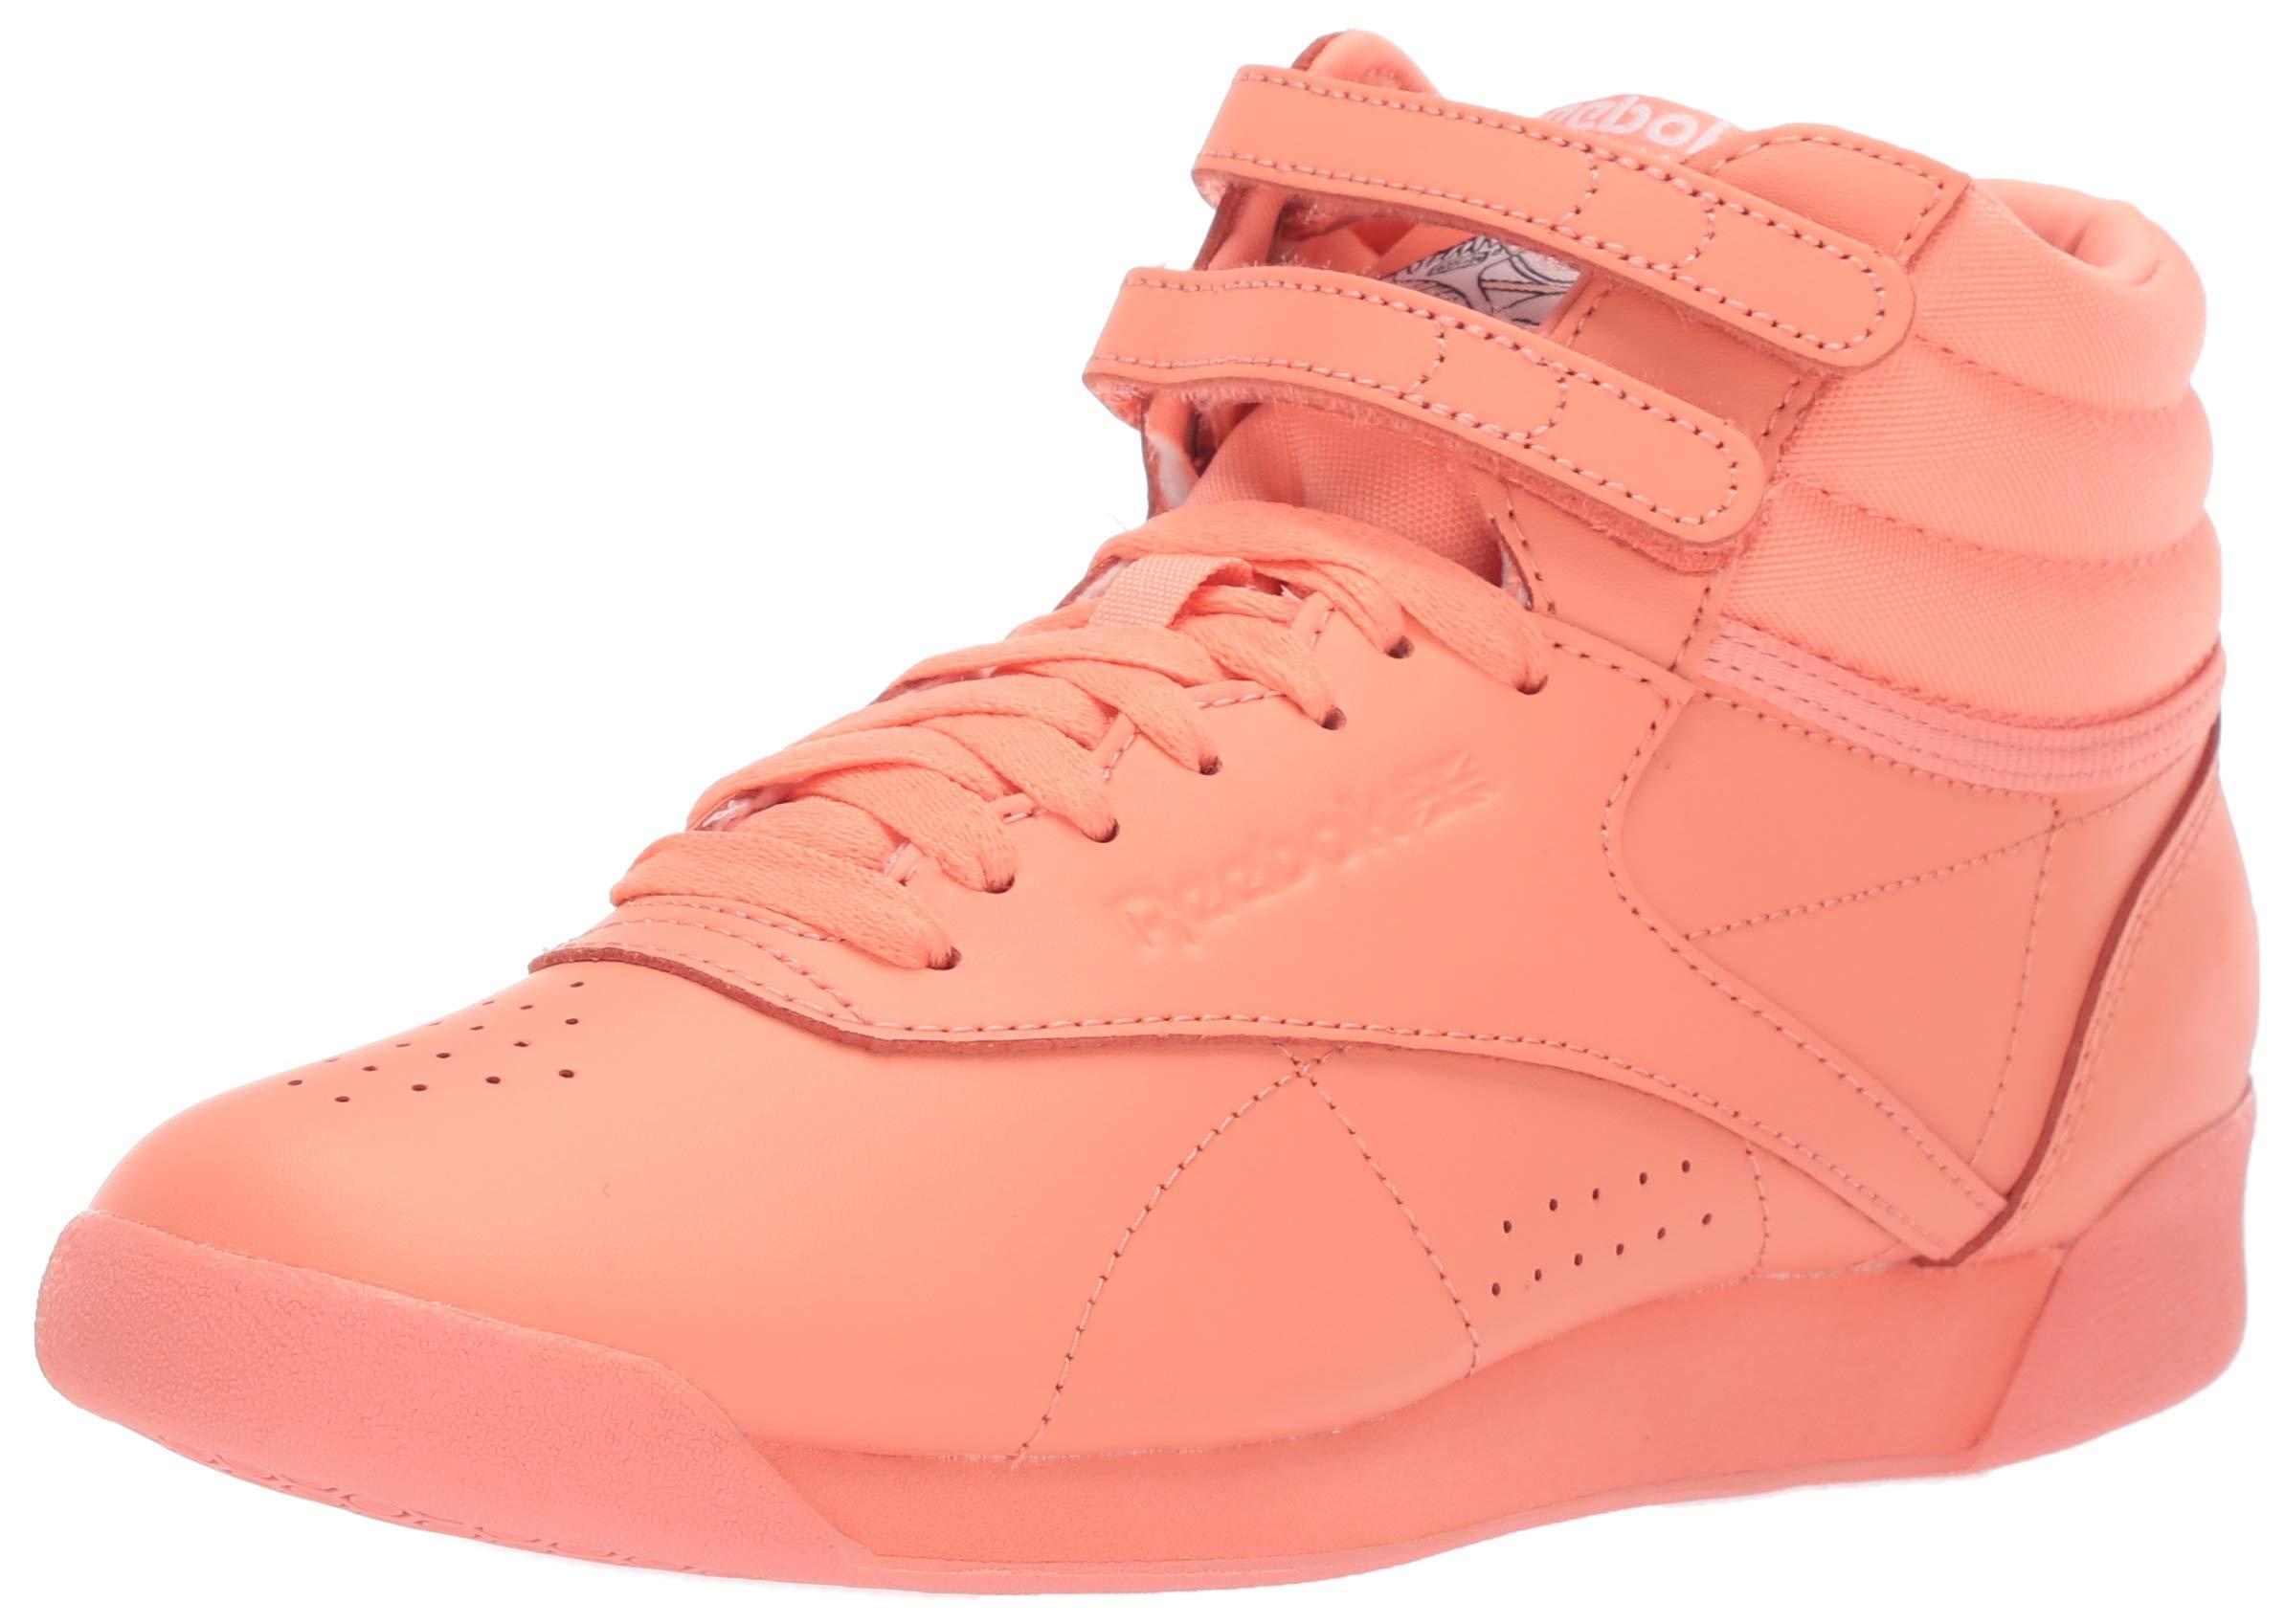 54d99ab76f Reebok Women's Freestyle Hi, Stellar Pink/White, 9 M US